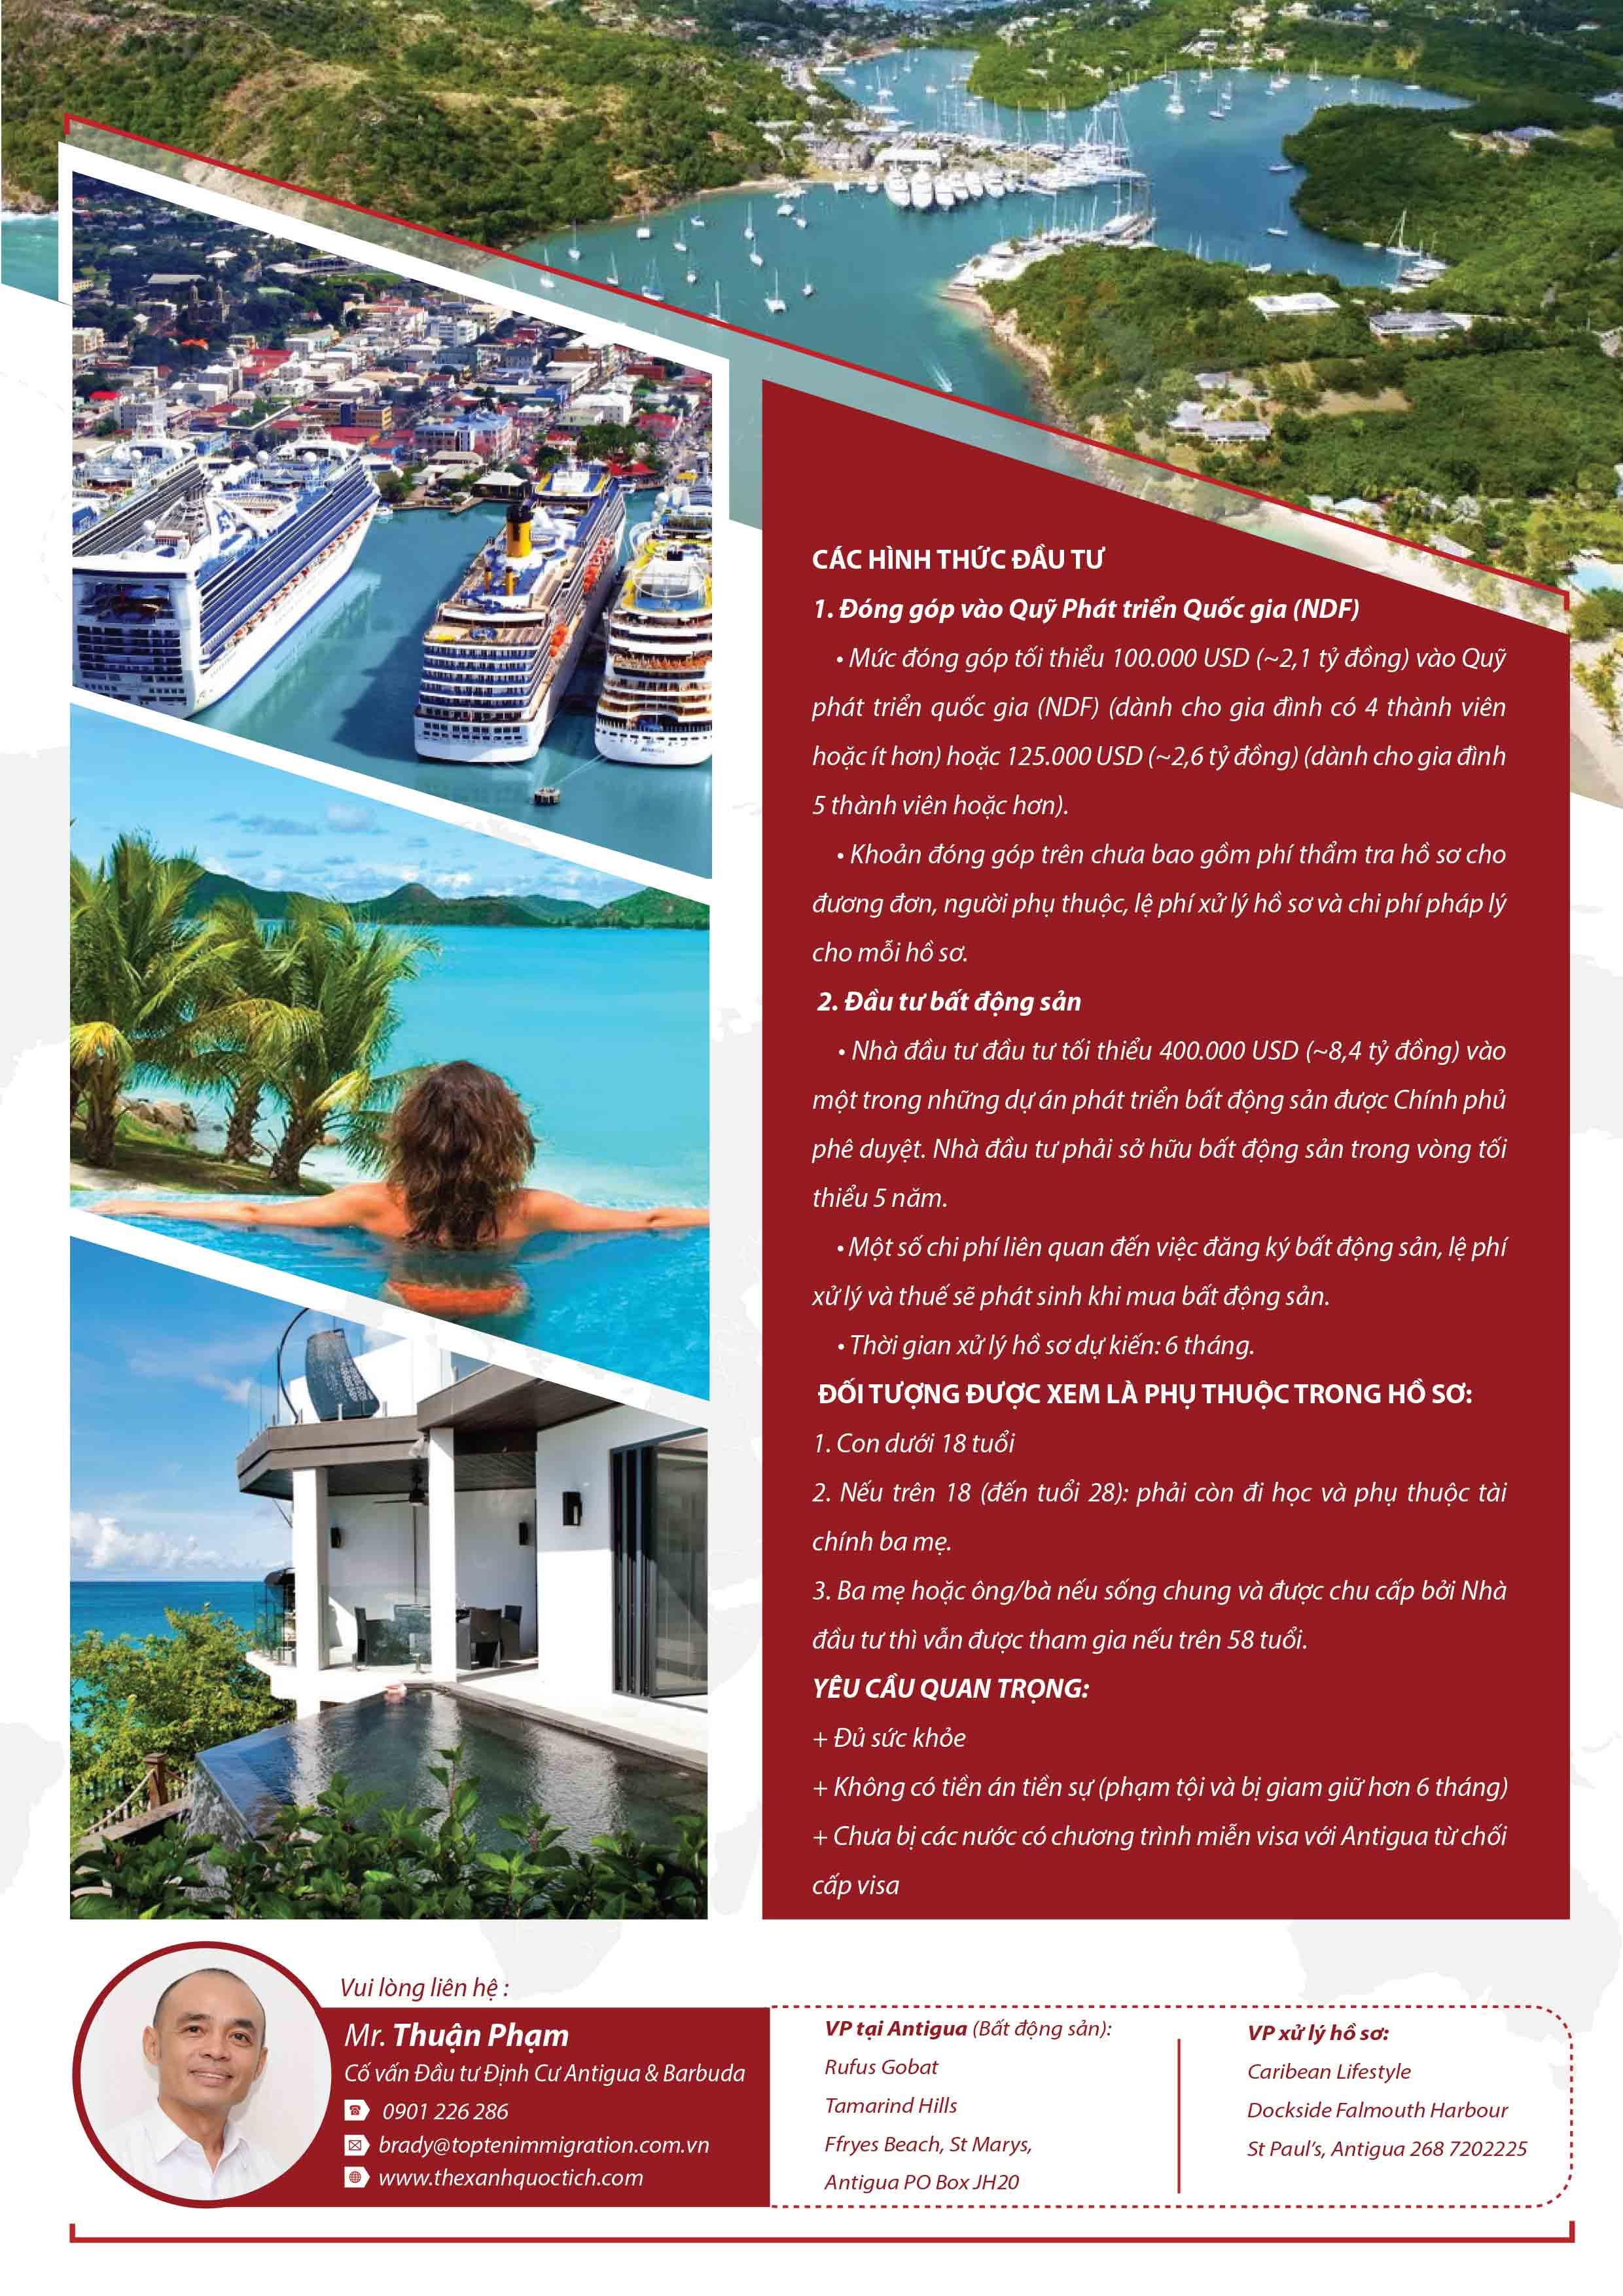 Chương trình Đầu tư nhập quốc tịch hộ chiếu Antigua